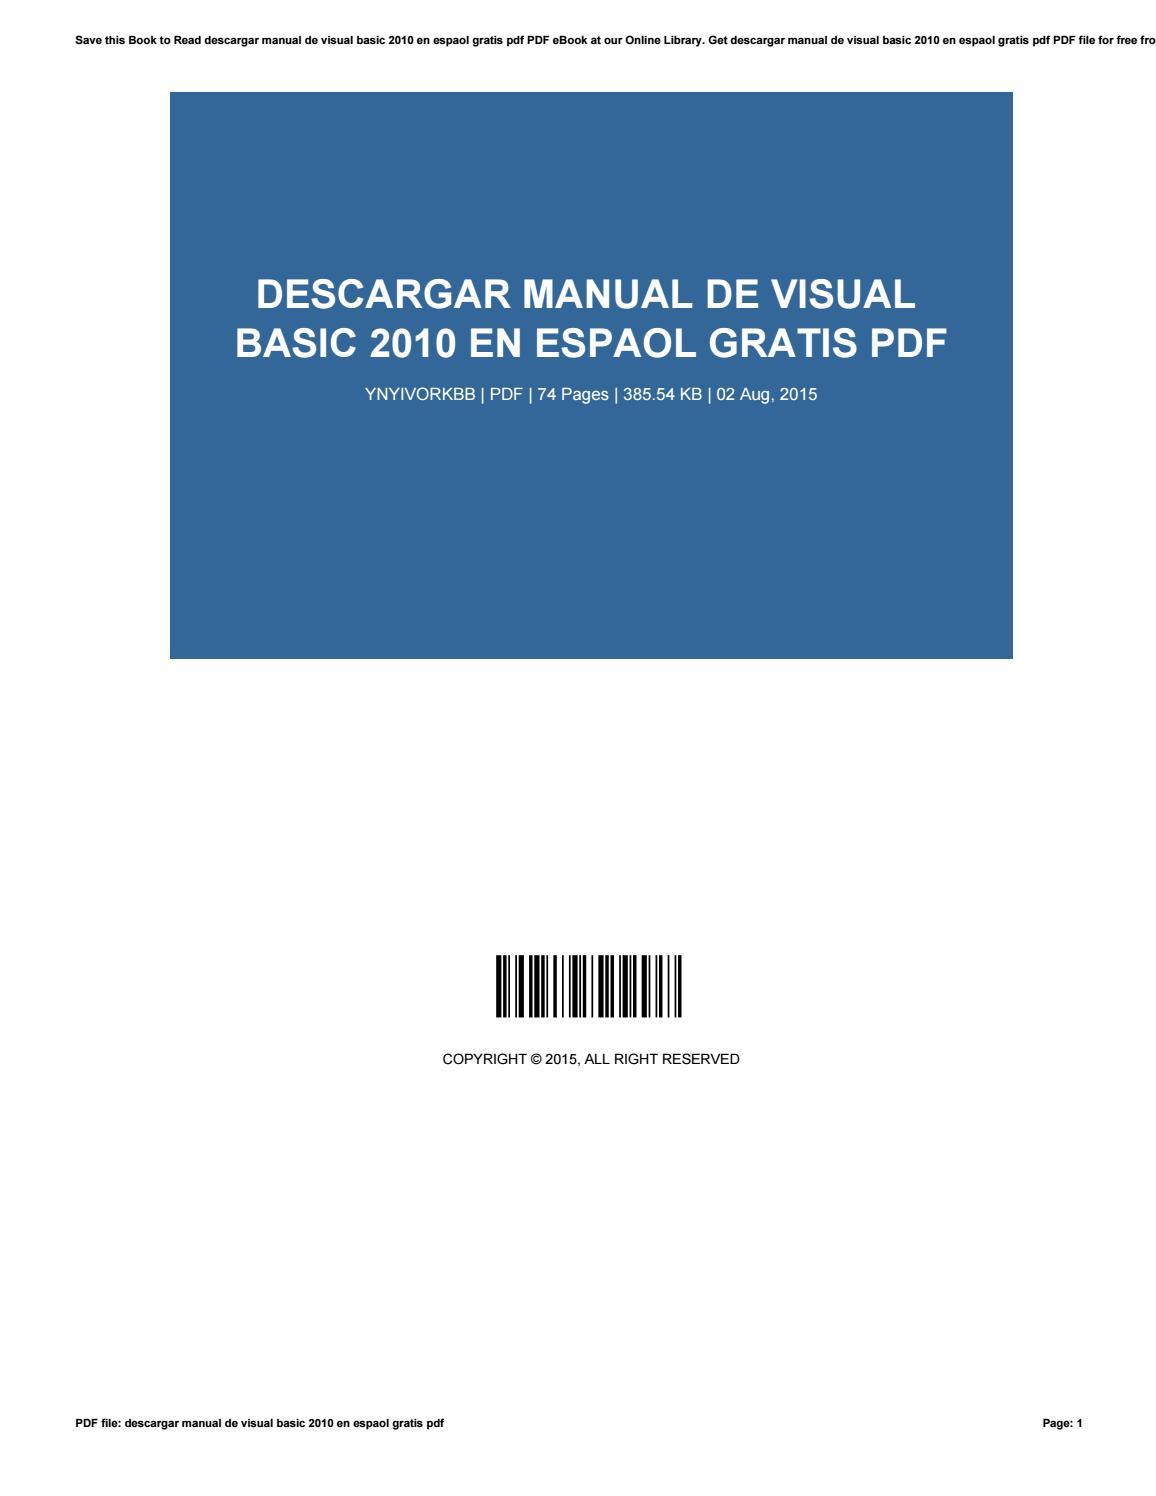 Visual Basic 2010 Pdf